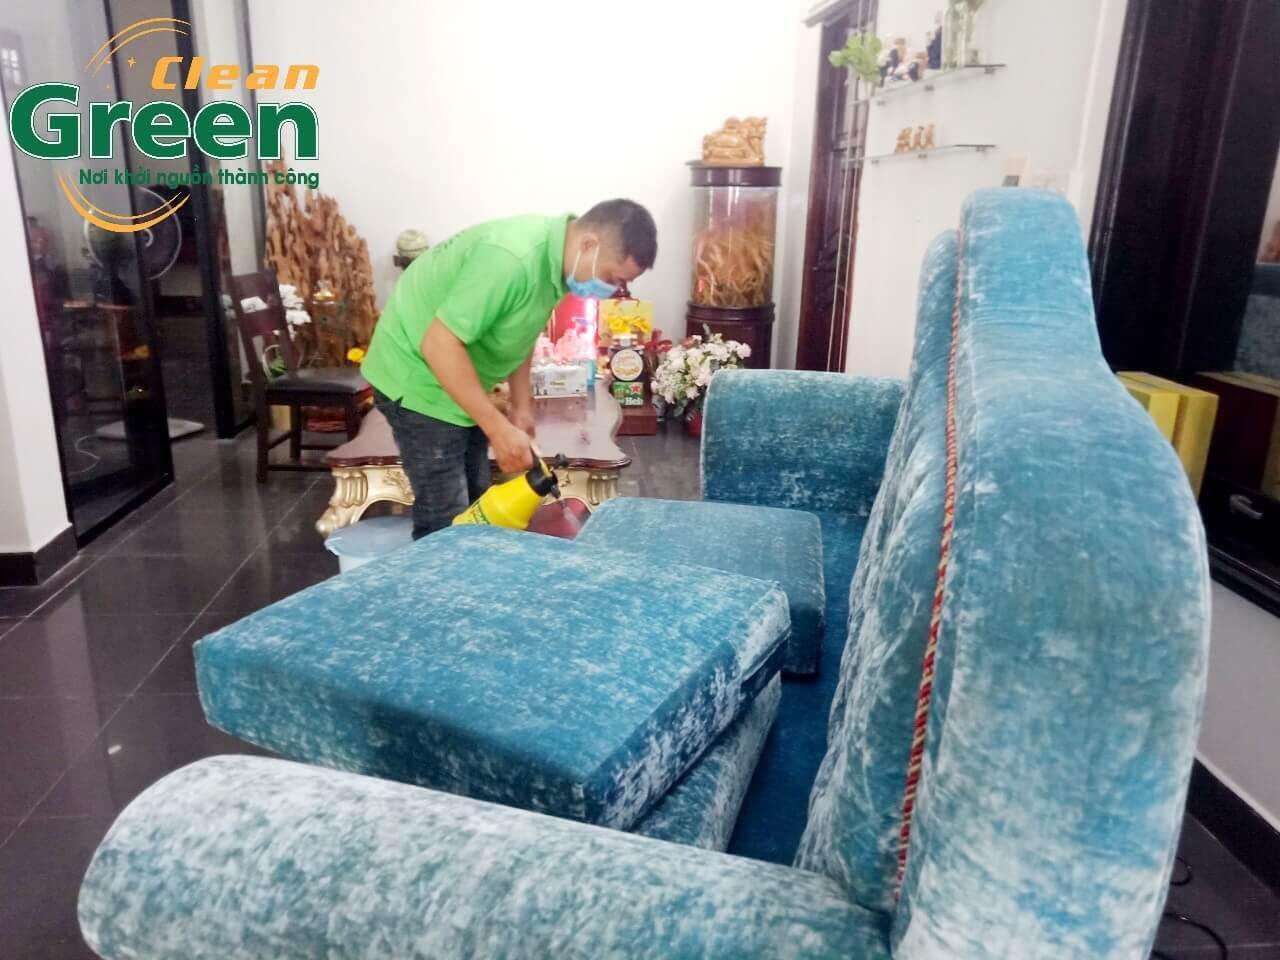 Bước 2: Phun dung dịch tẩy rửa lên trên ghế sofa